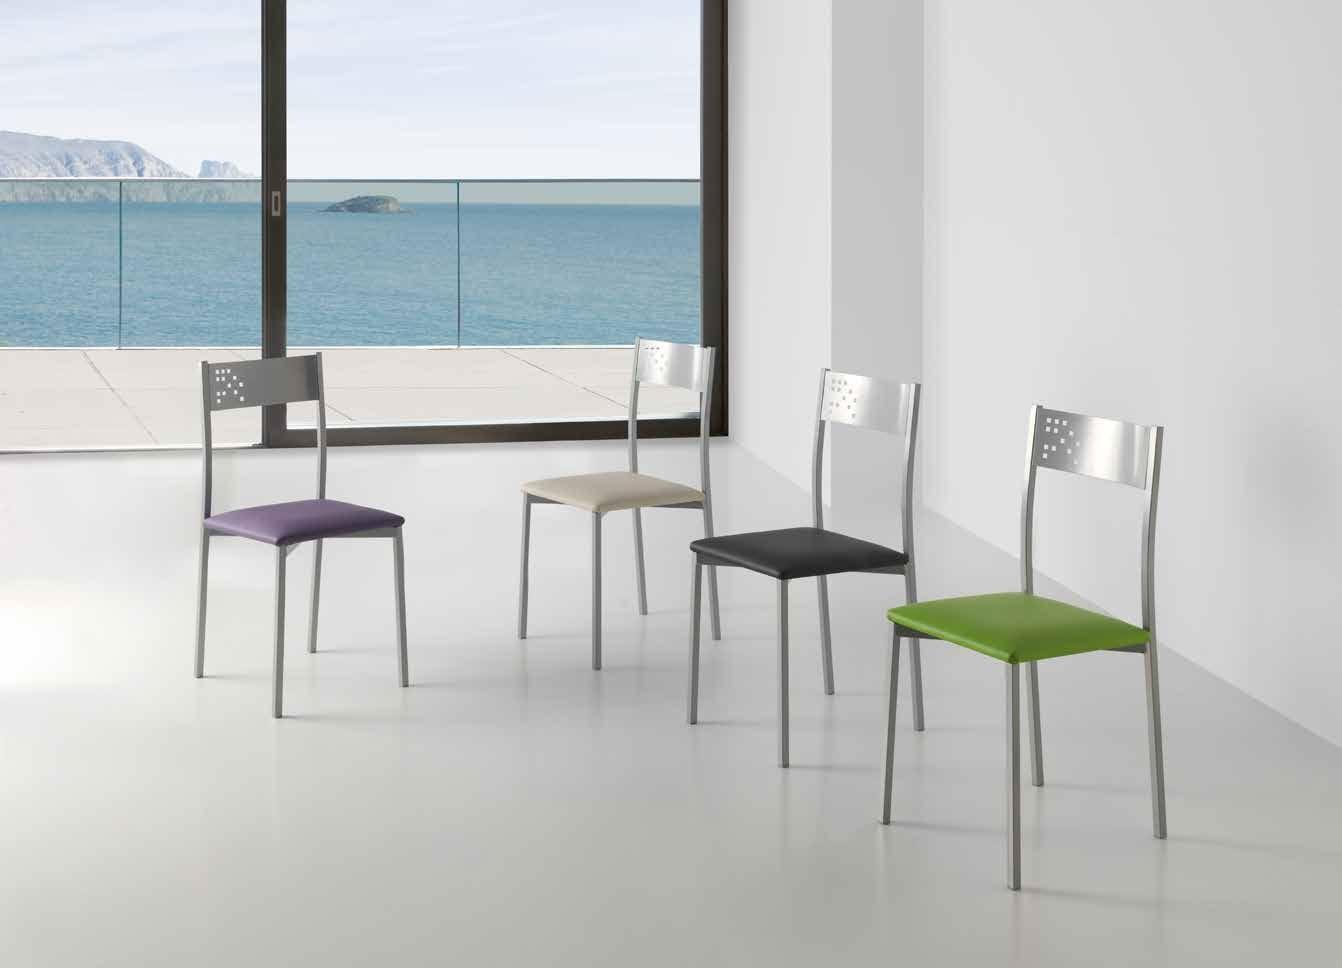 SILLA MADEIRA - Silla fija en gris plata y asiento acolchado en polipiel efecto suave